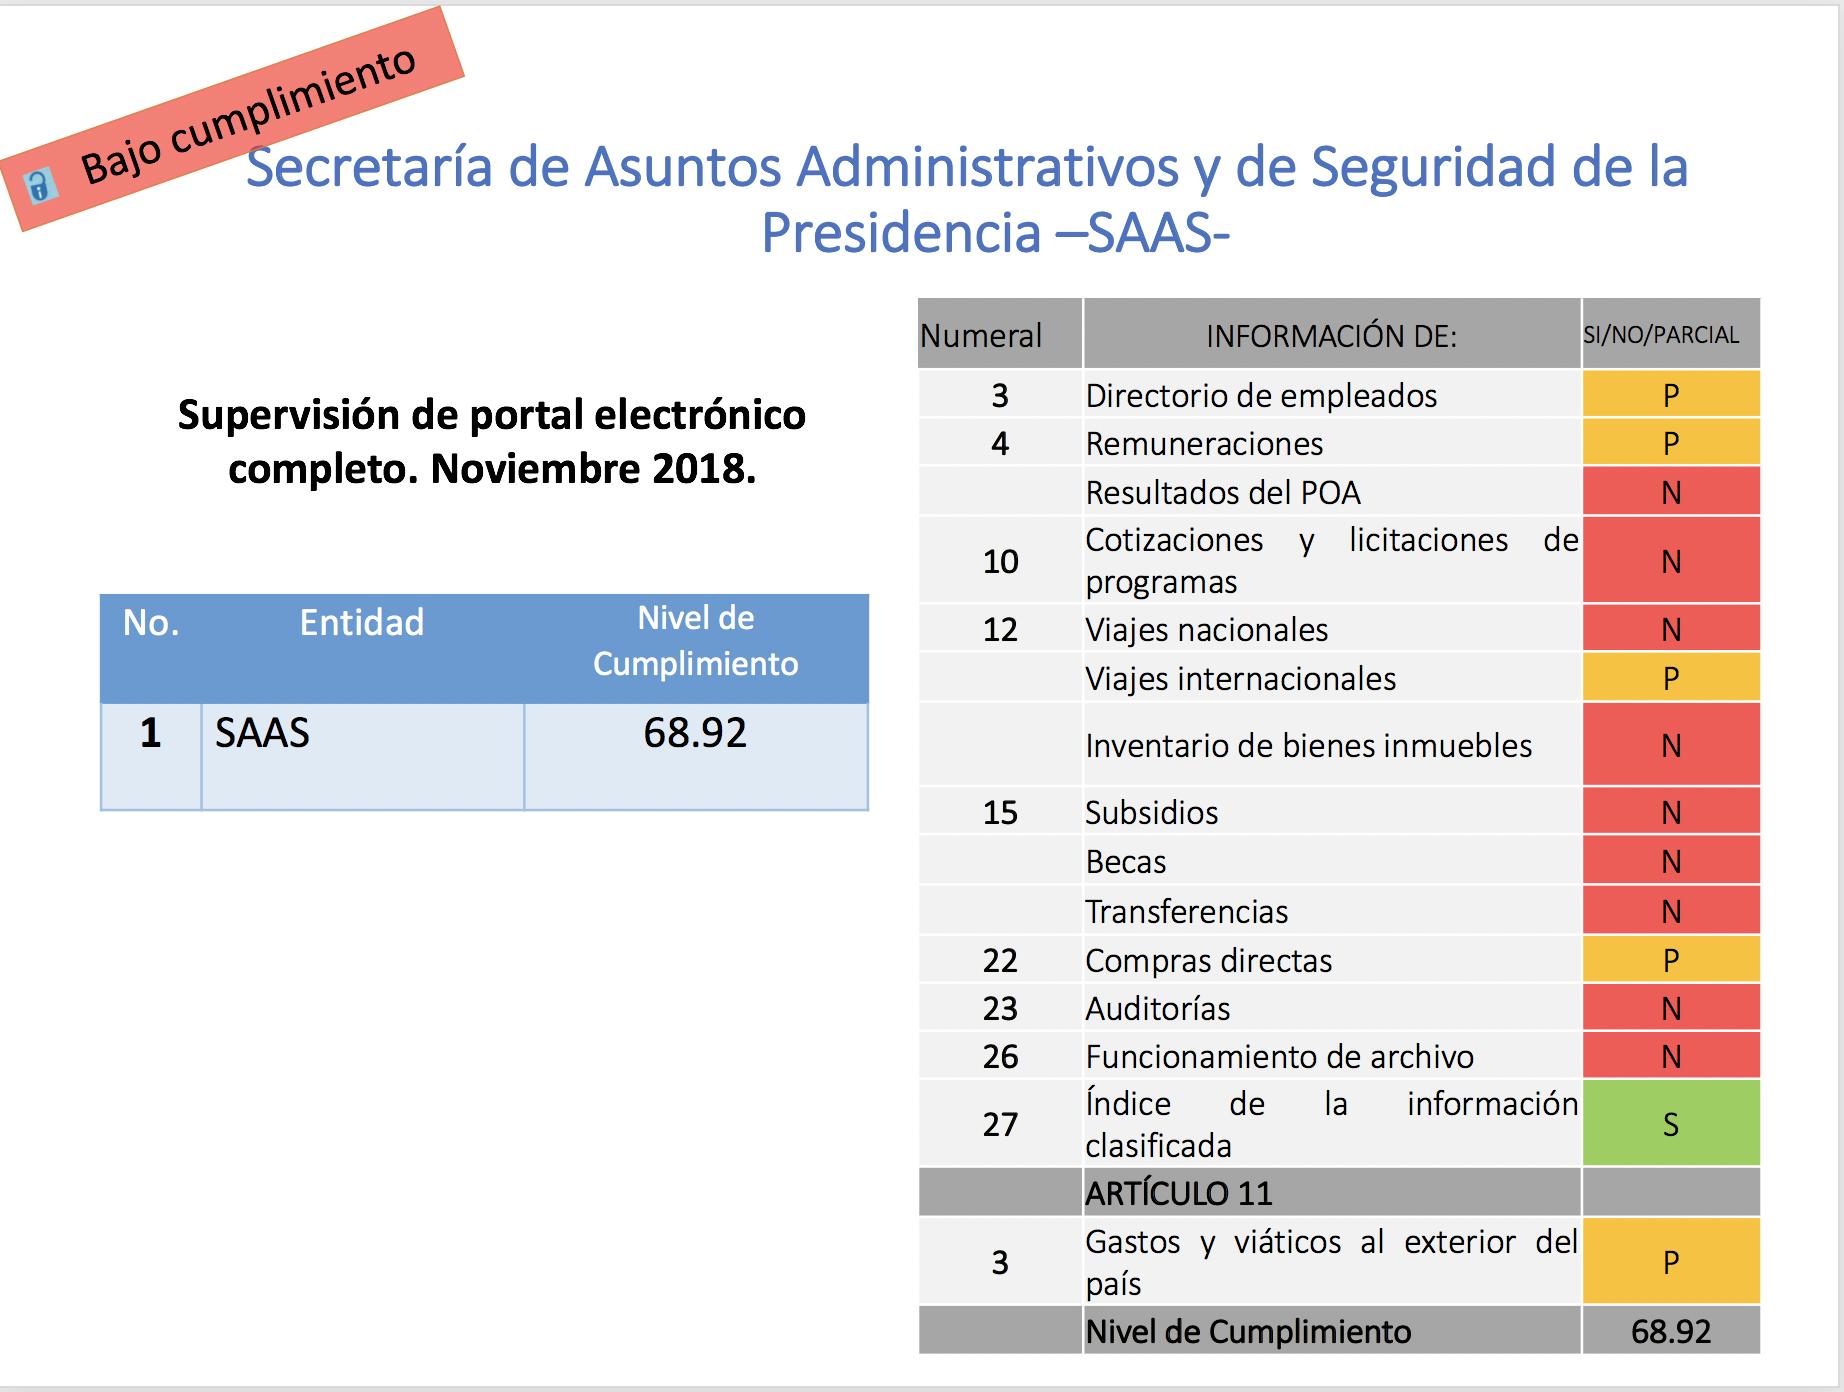 Evaluación de la Secretaría de Acceso a la Información en 2018 a la SAAS.